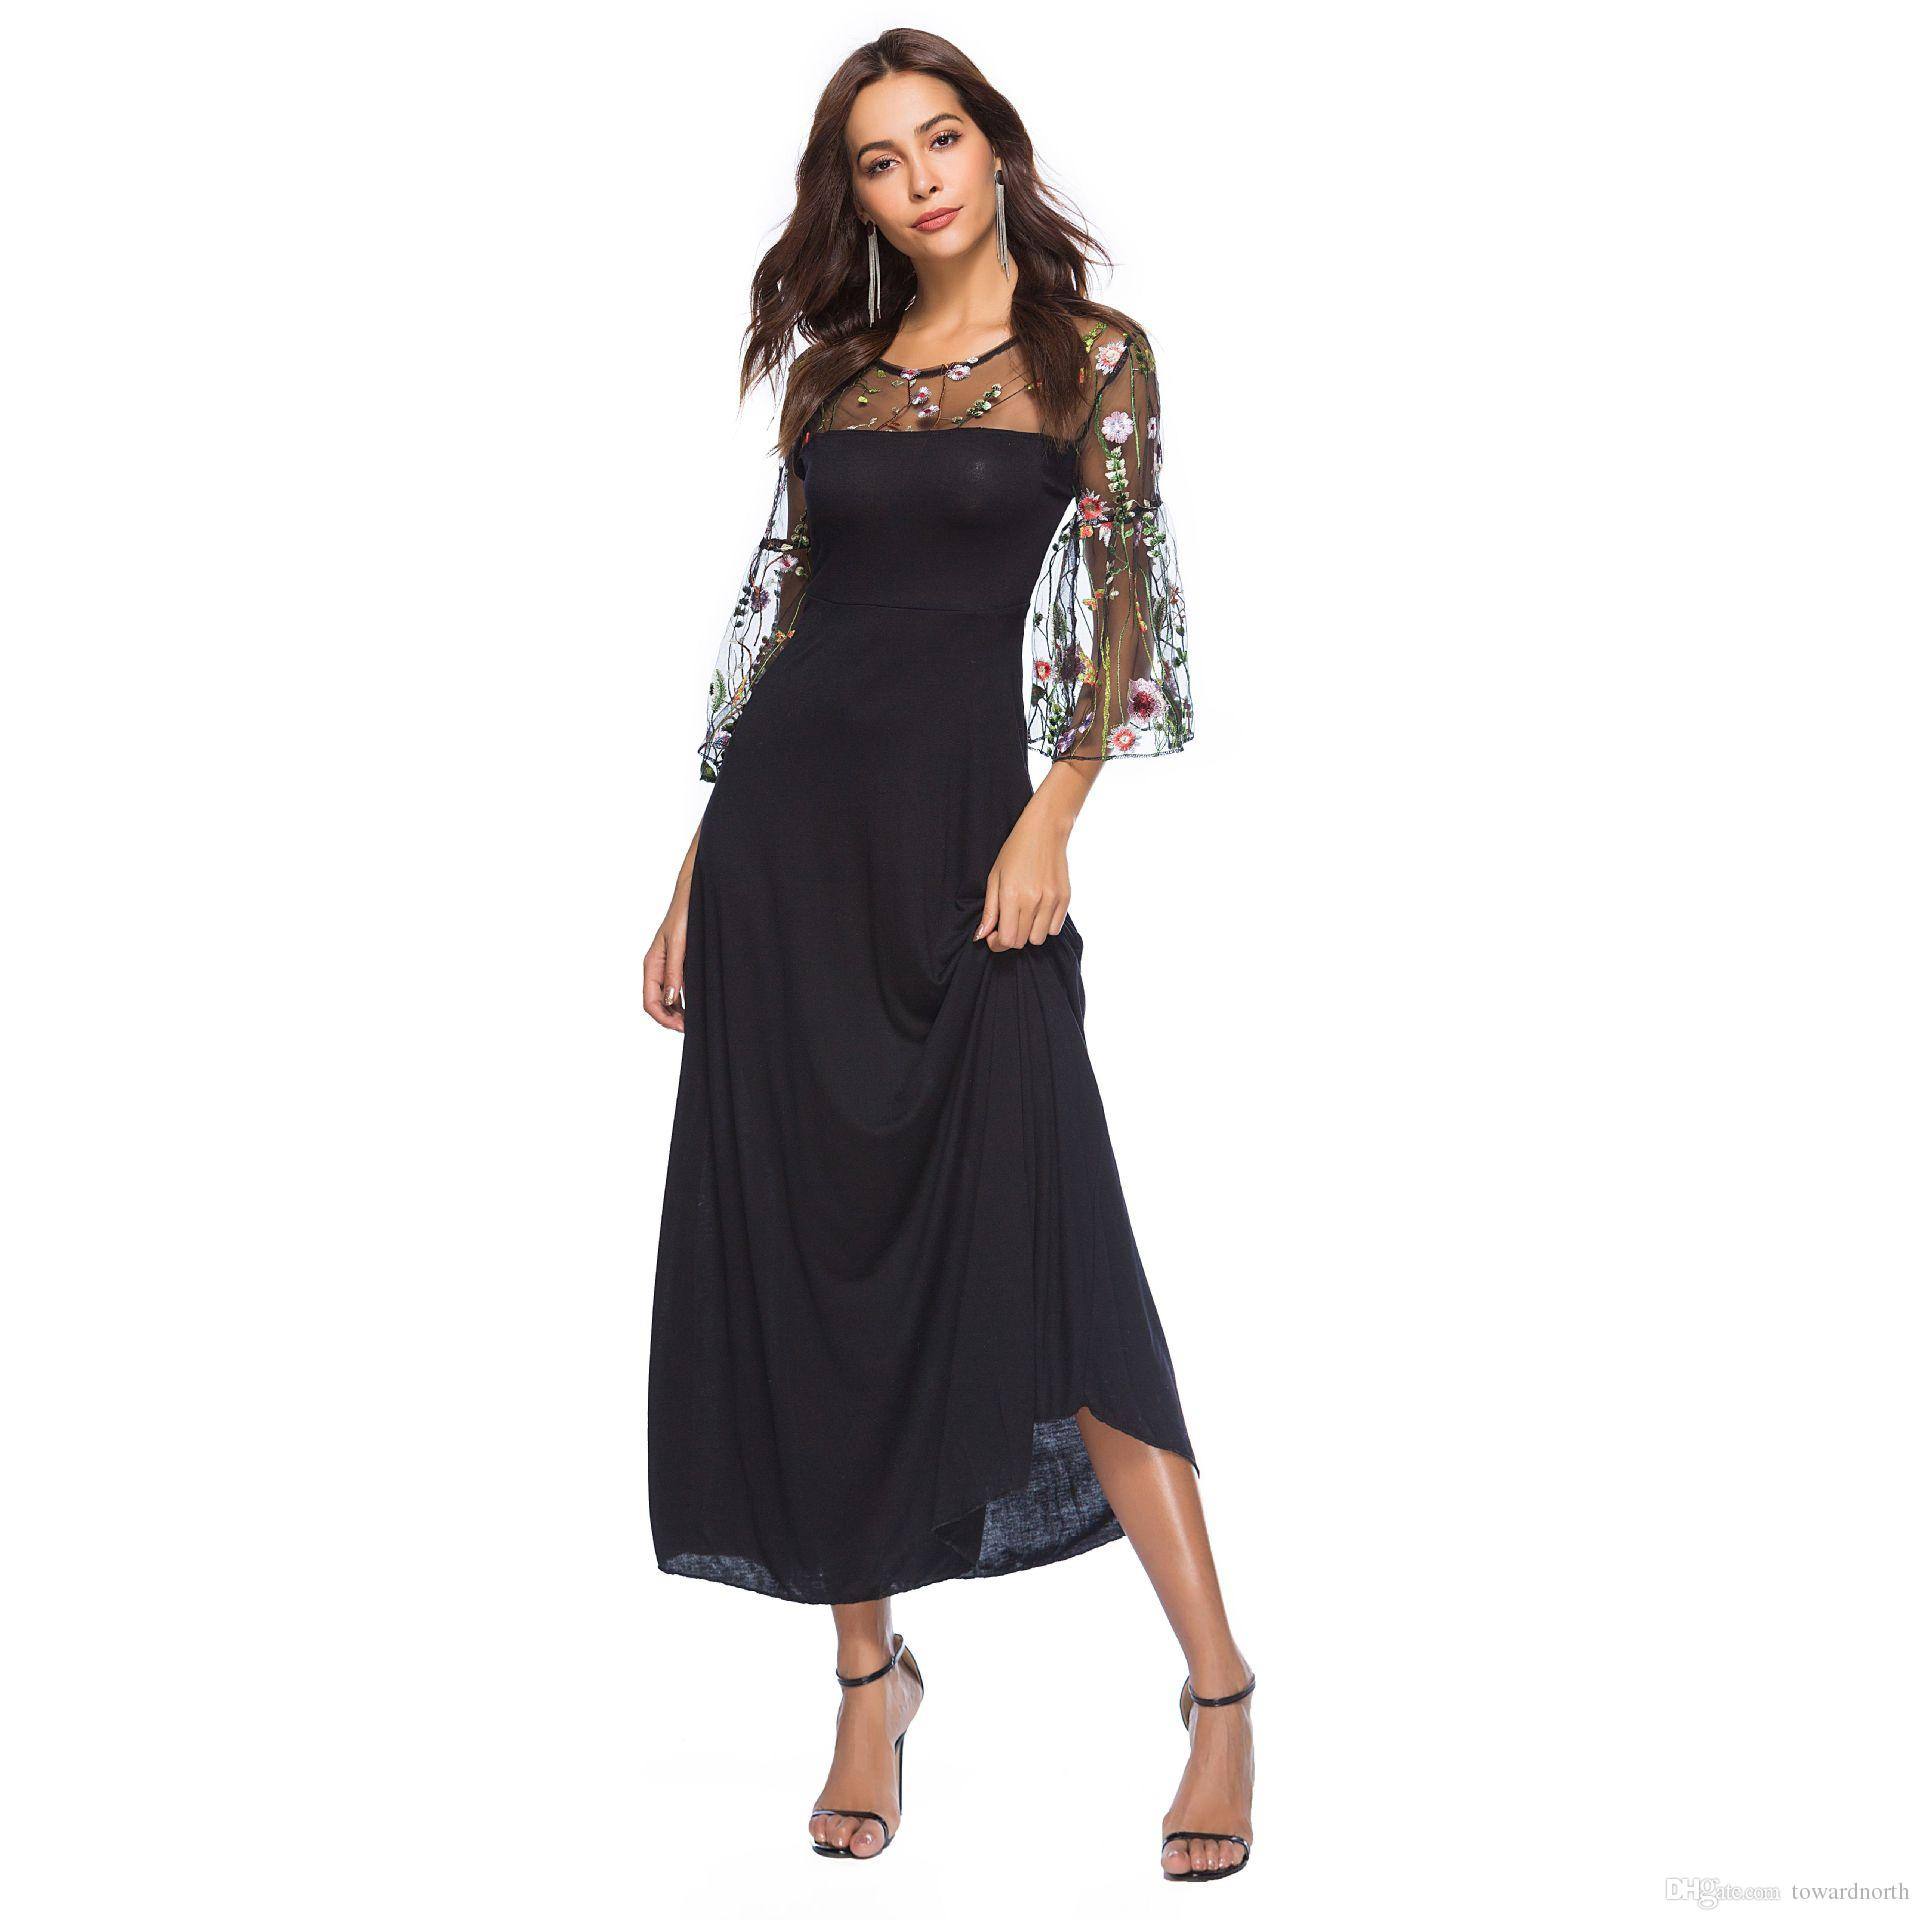 66335c8f9ab47 Satın Al Çiçek Nakış Örgü Elbise 2018 Yaz Elbise Kadınlar Zarif Siyah  Vintage Yarım Flare Kol Maxi Elbiseler, $27.64 | DHgate.Com'da